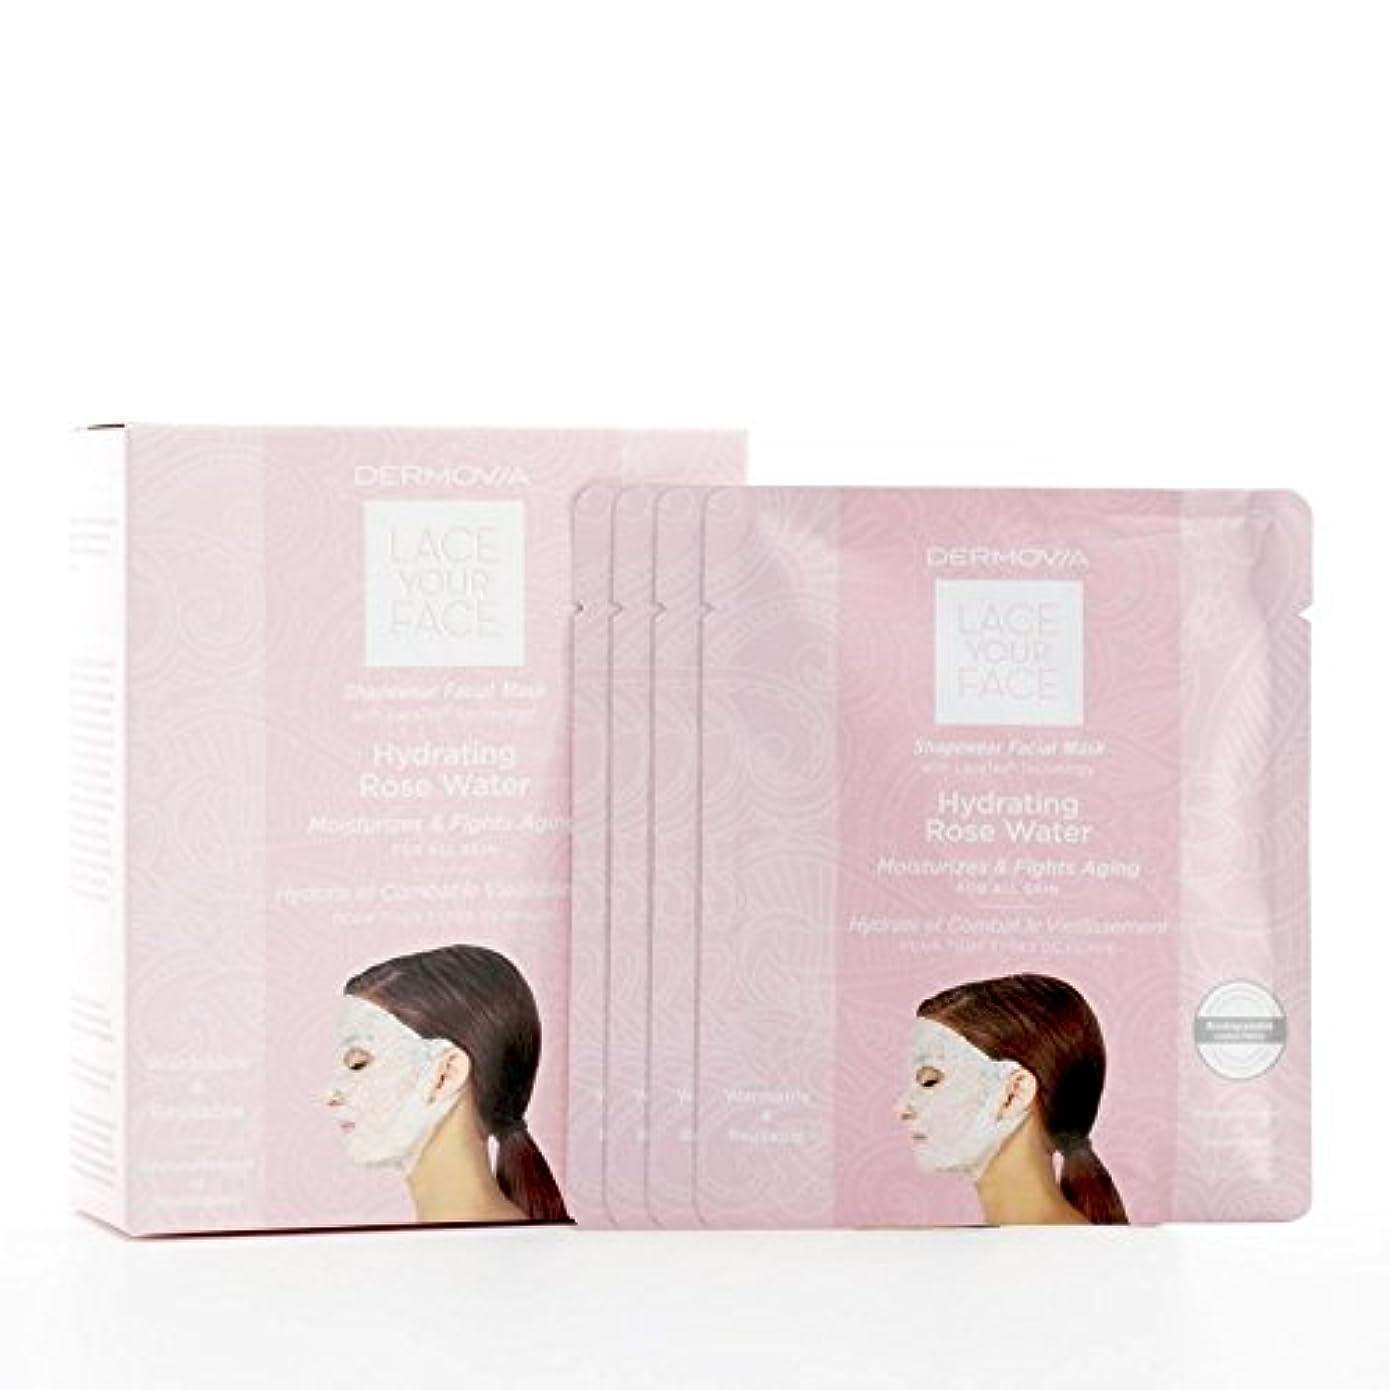 クローゼットからに変化する一般化するは、あなたの顔の圧縮フェイシャルマスク水和が水をバラレース x4 - Dermovia Lace Your Face Compression Facial Mask Hydrating Rose Water (Pack of 4) [並行輸入品]